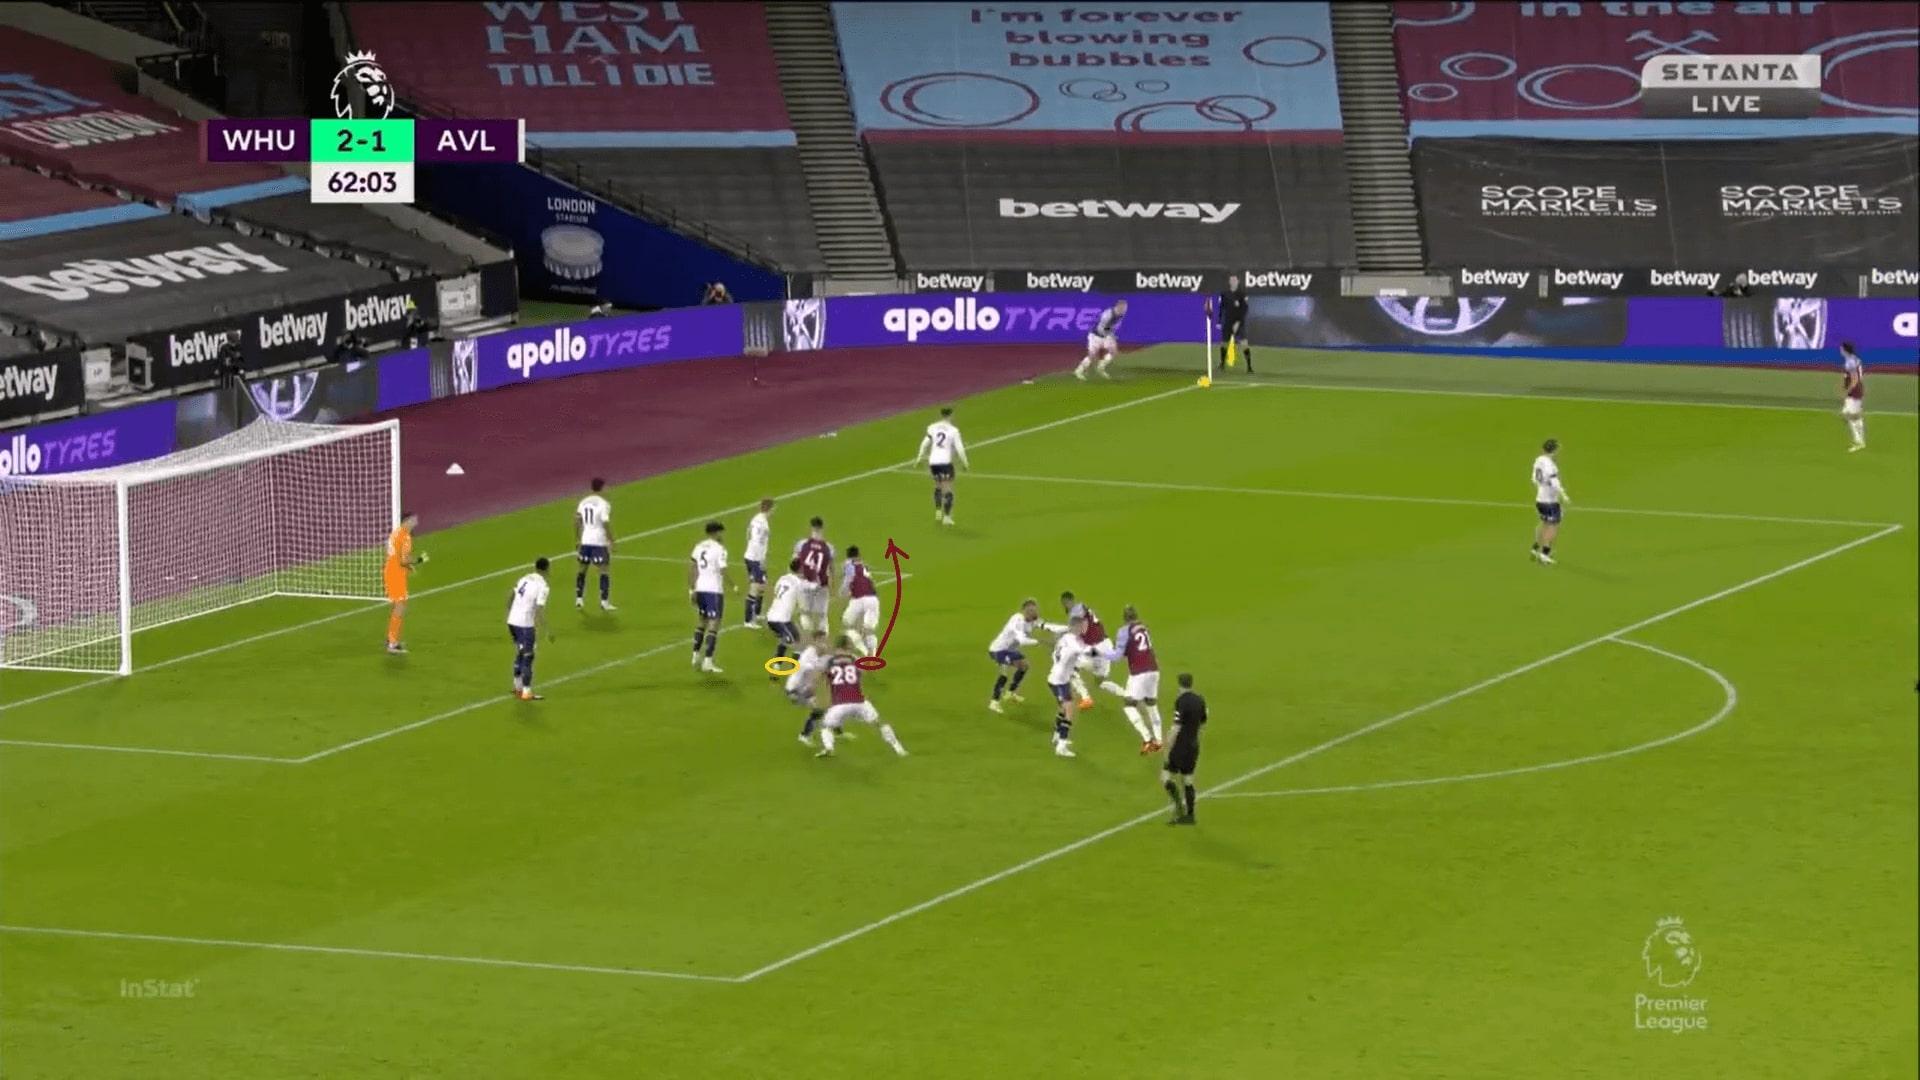 Premier League 2020/21: West Ham United - set-piece analysis